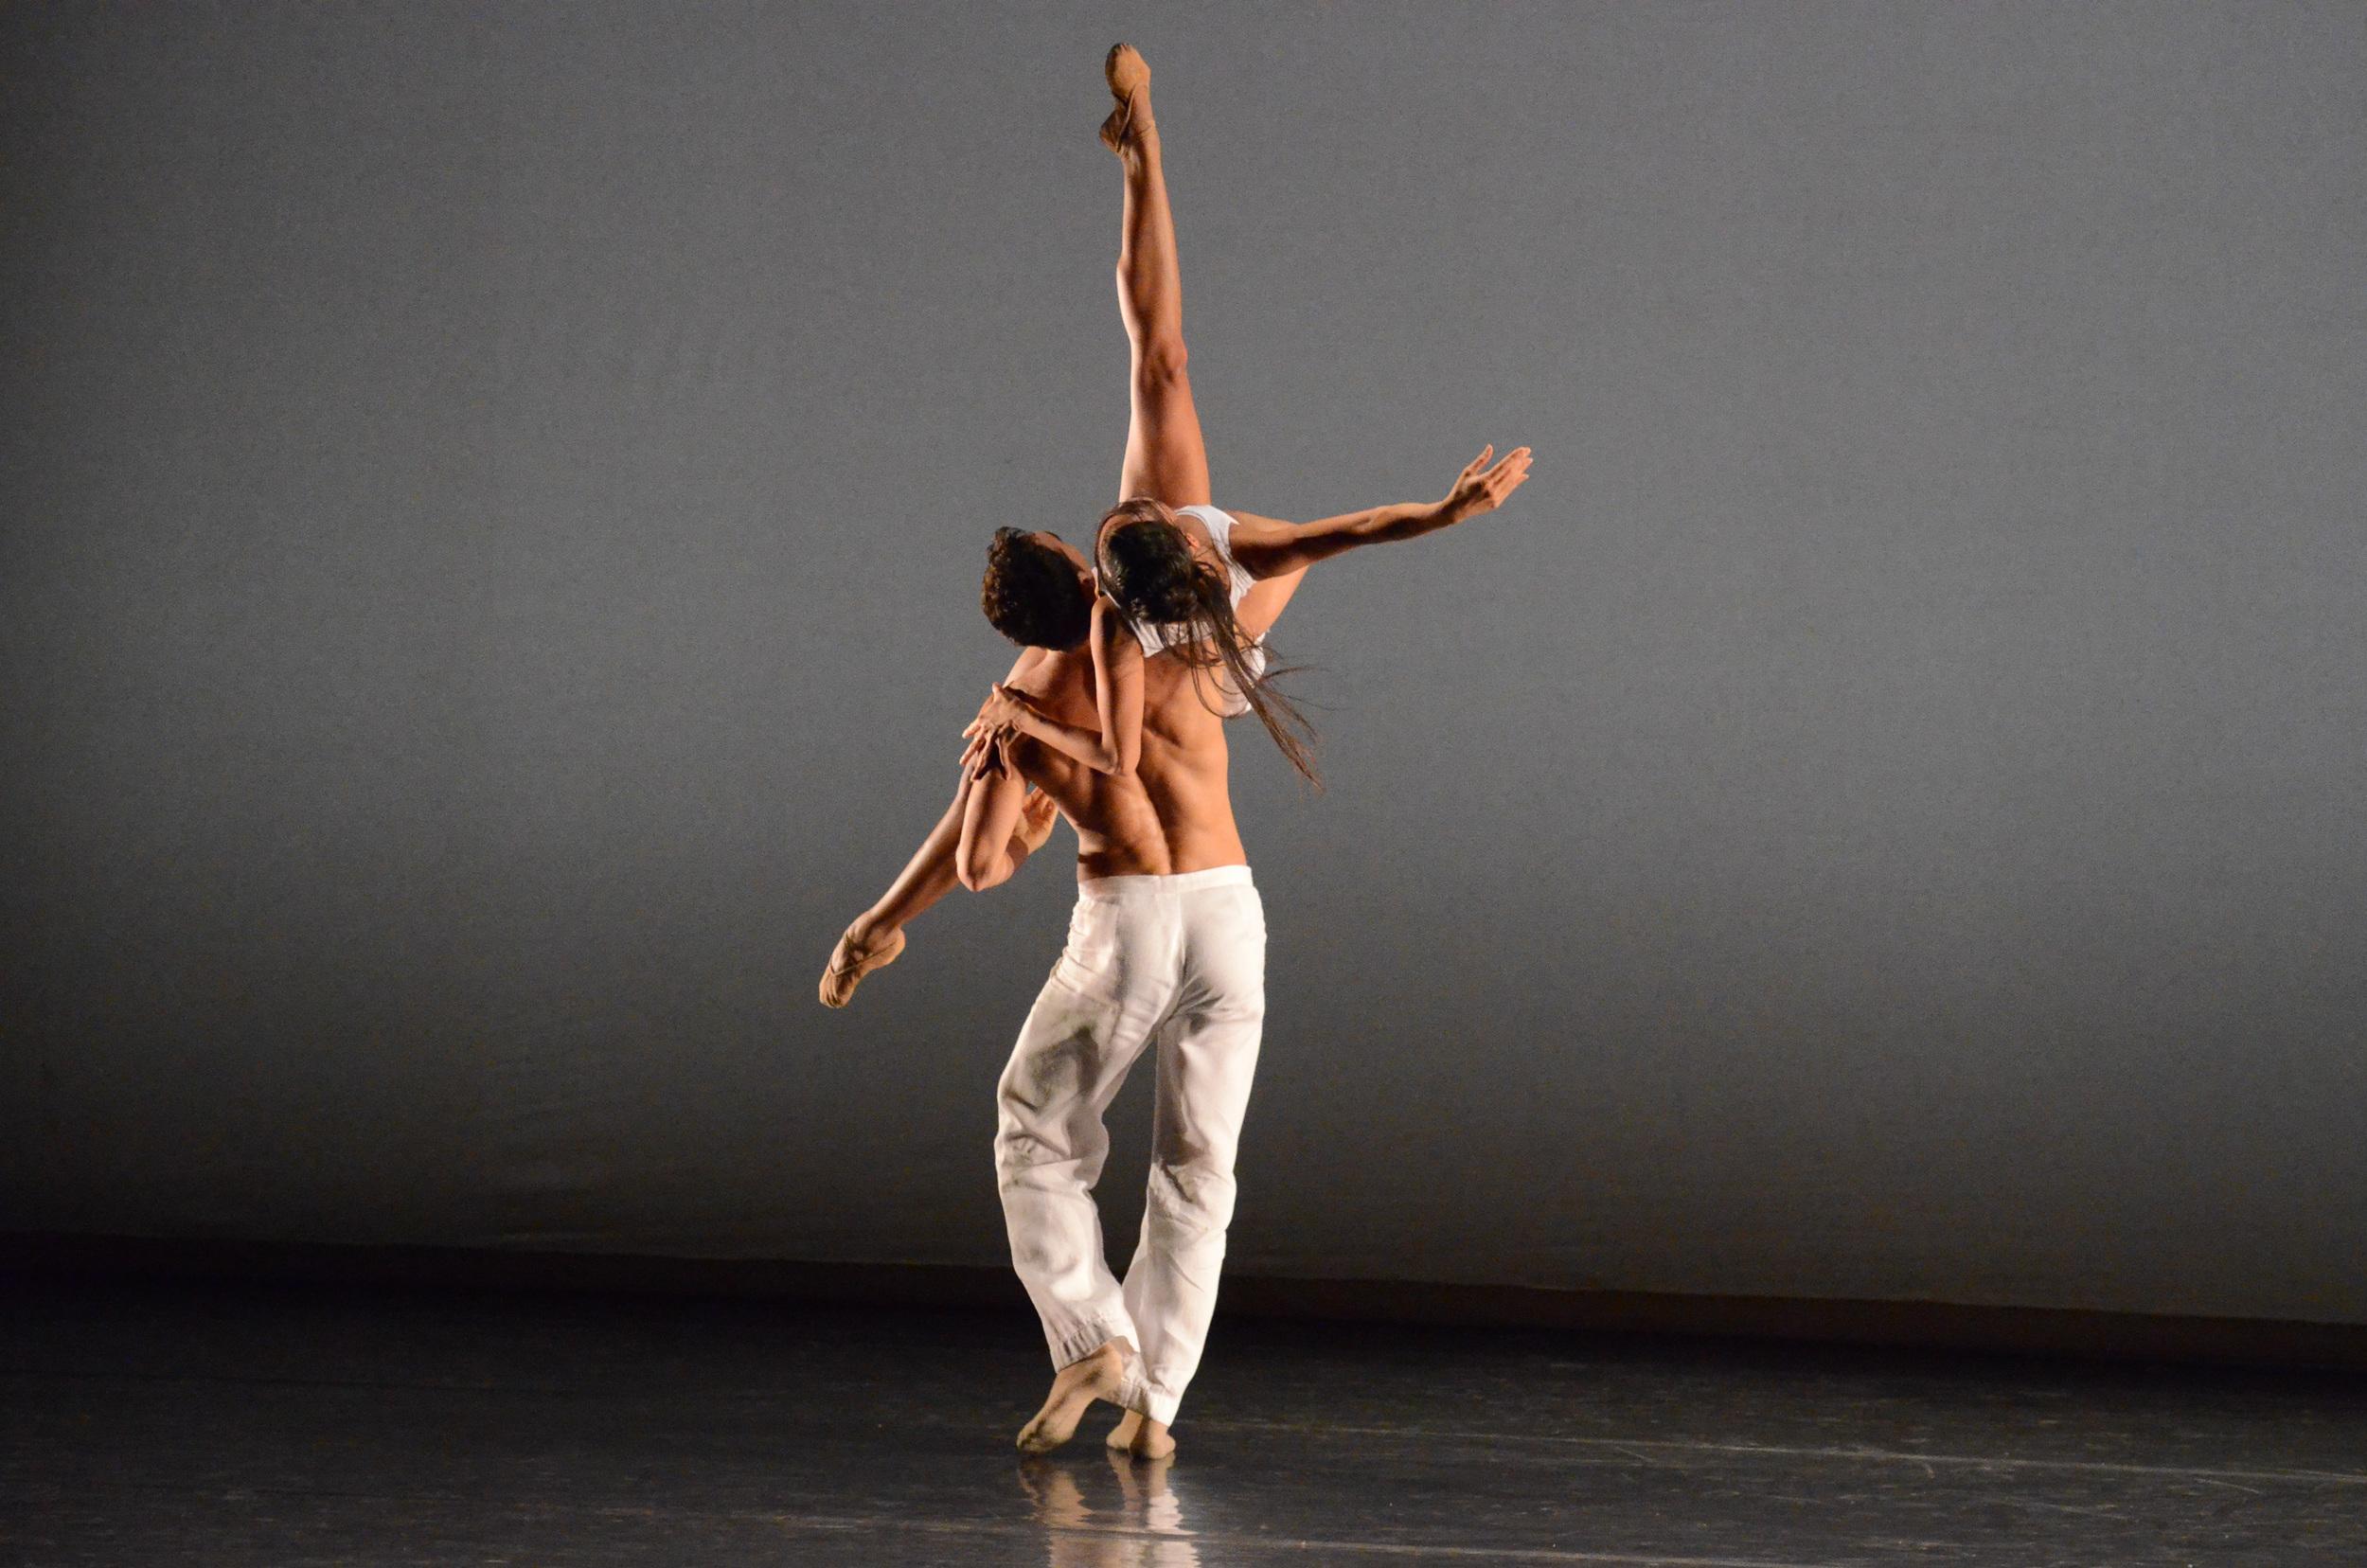 h_Gala_BalletGenevePerformance_2011CherylynnTsushima-65.jpg